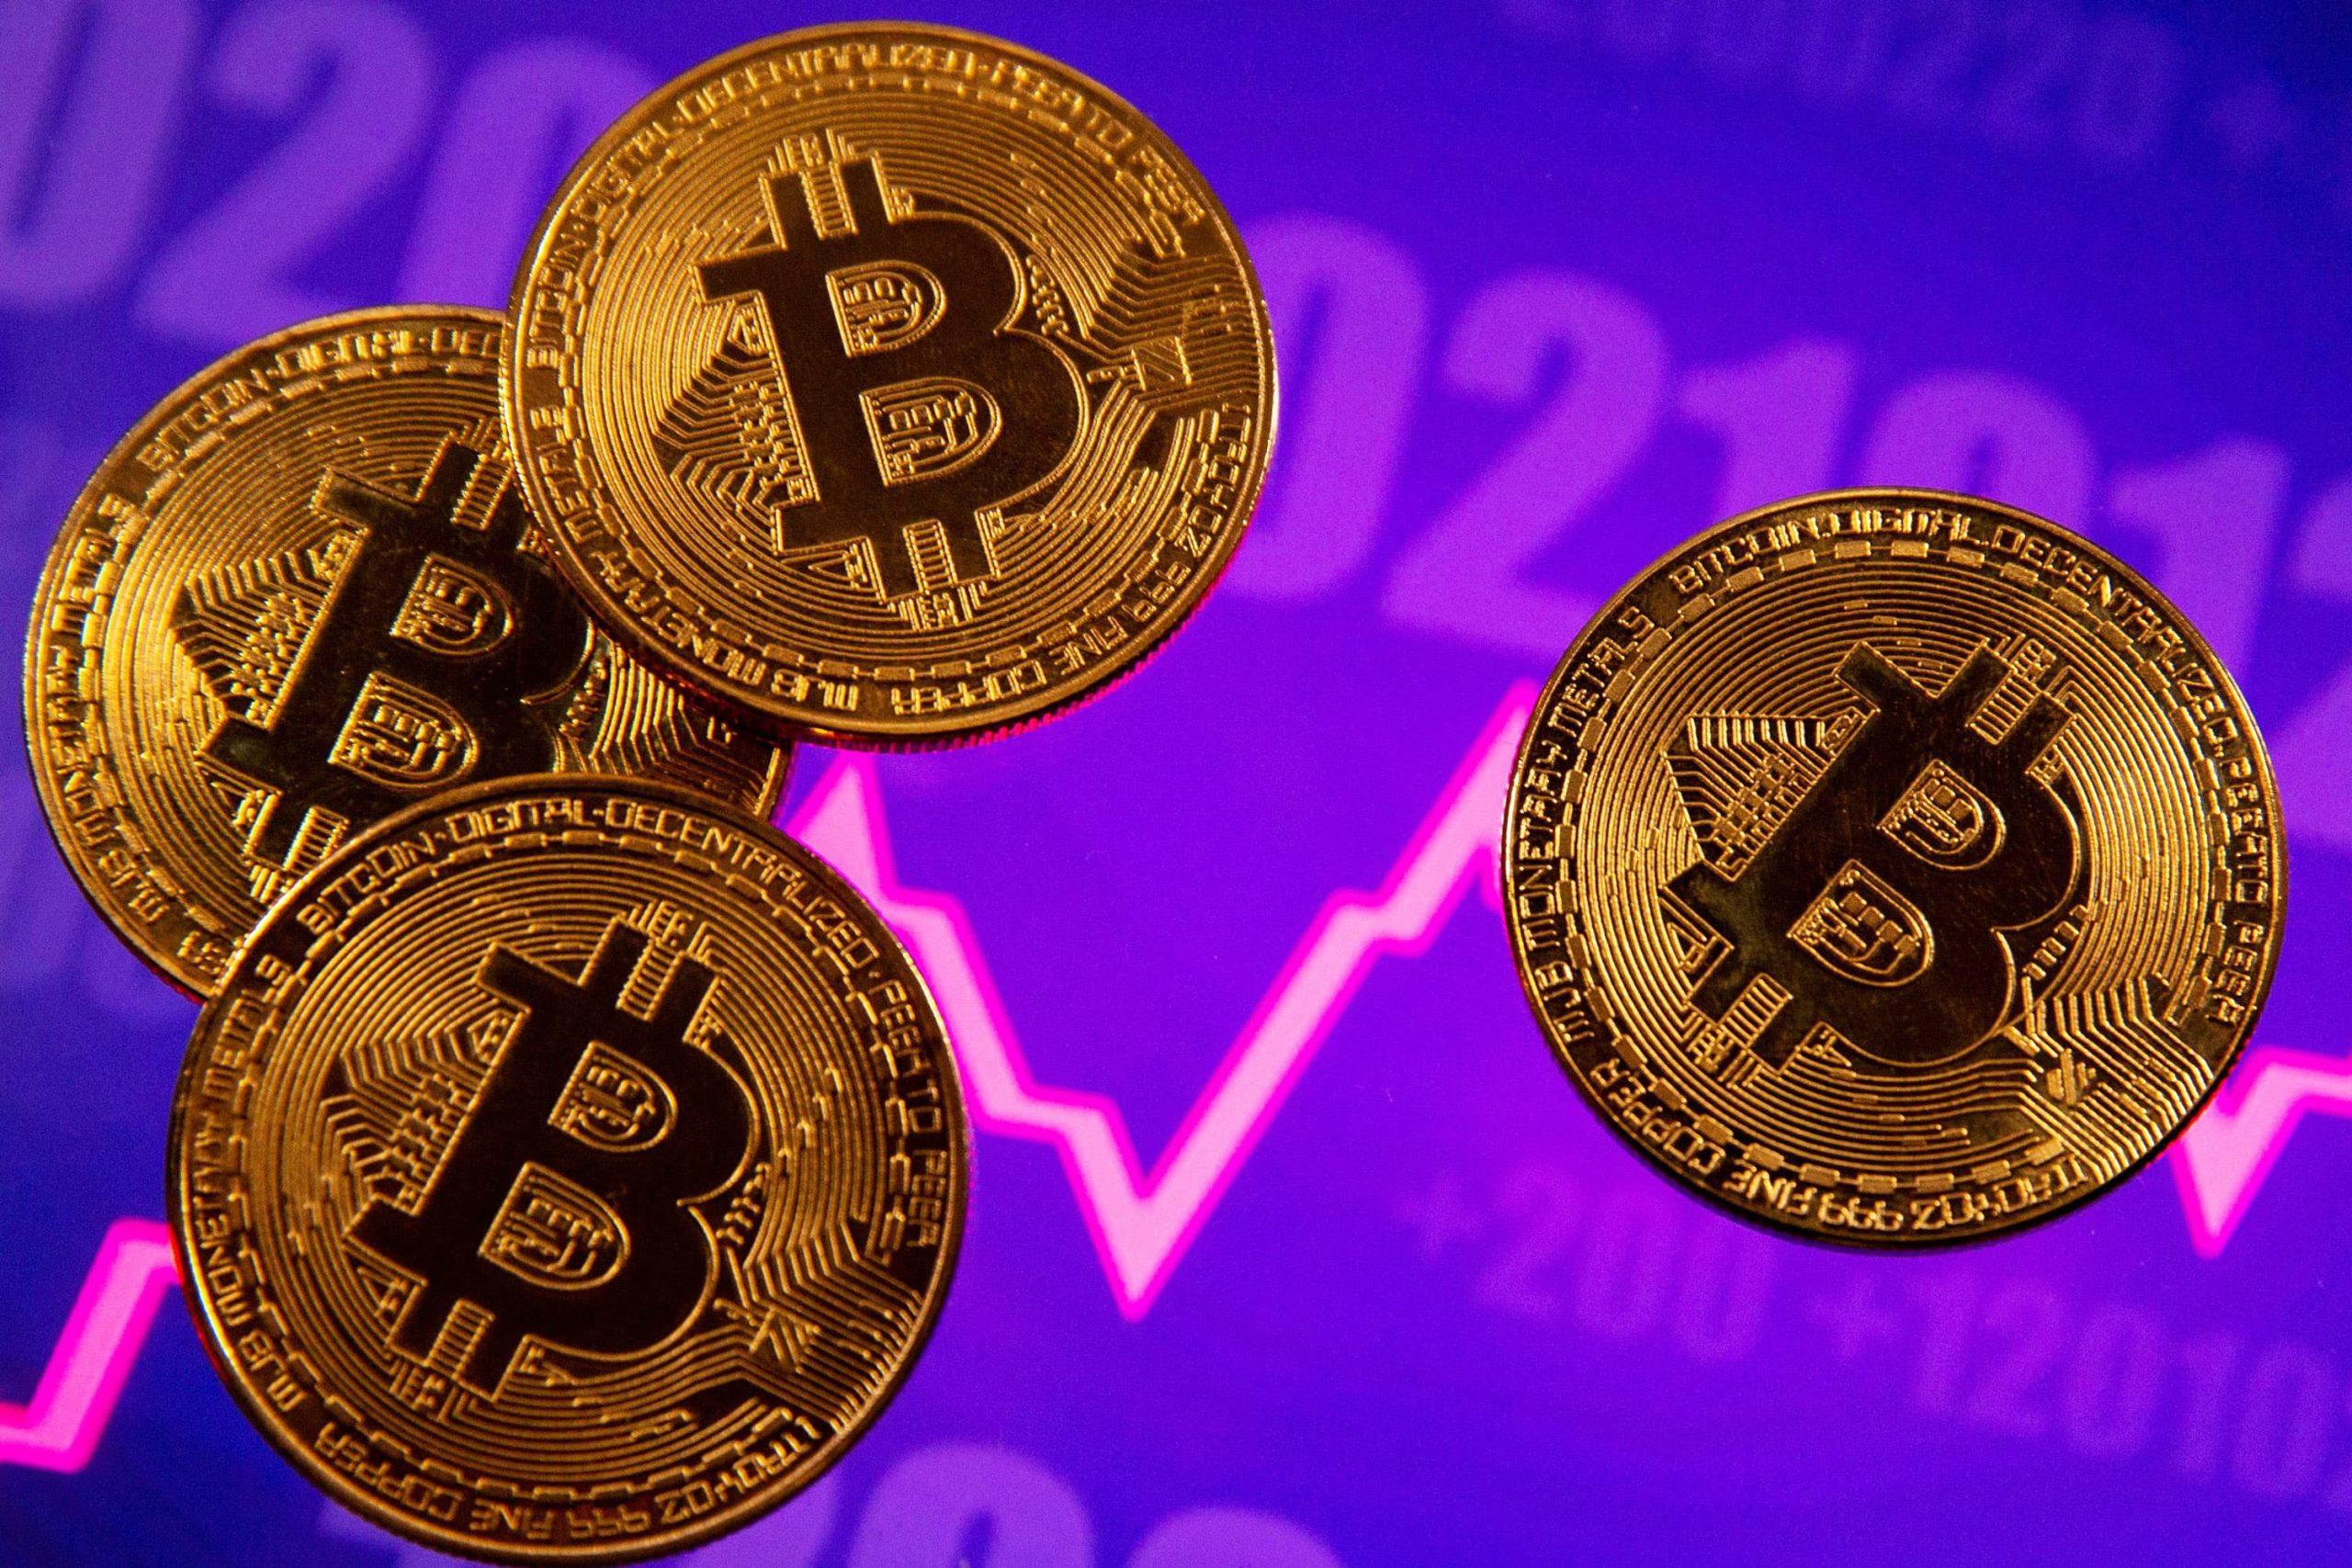 Anthony Scaramucci dice que acepta la volatilidad de bitcoin, ve al alza ya que desafía al oro